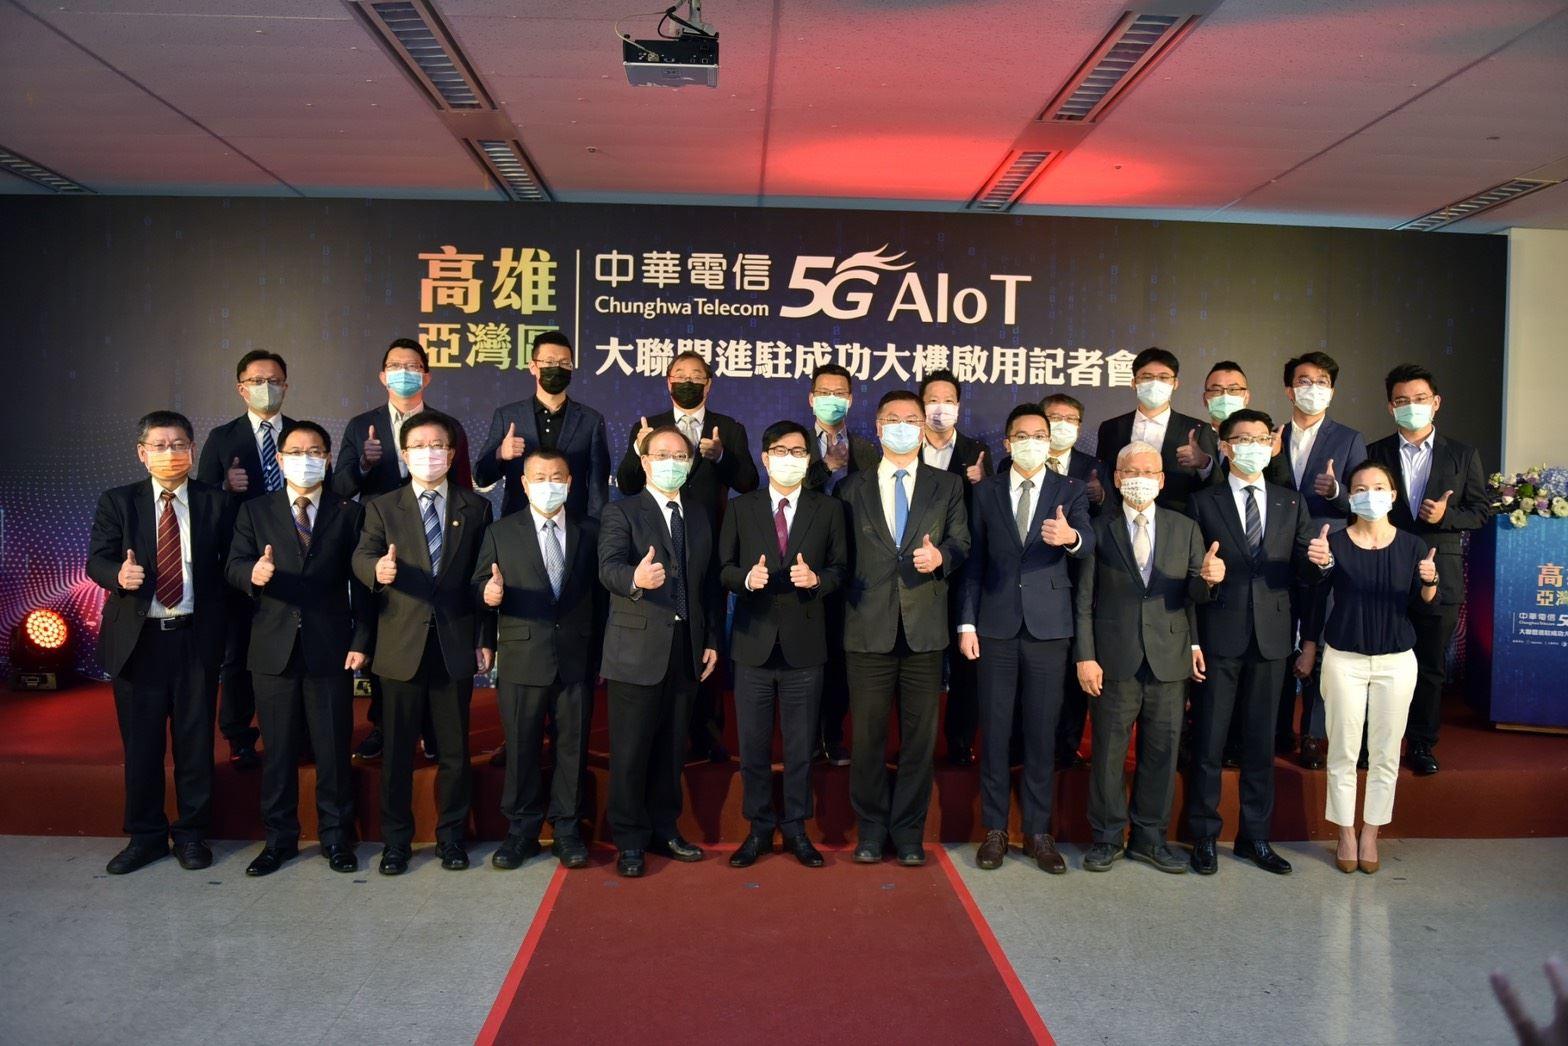 1100408中華電信5G AIoT大聯盟進駐啟用_通稿 (3).jpg